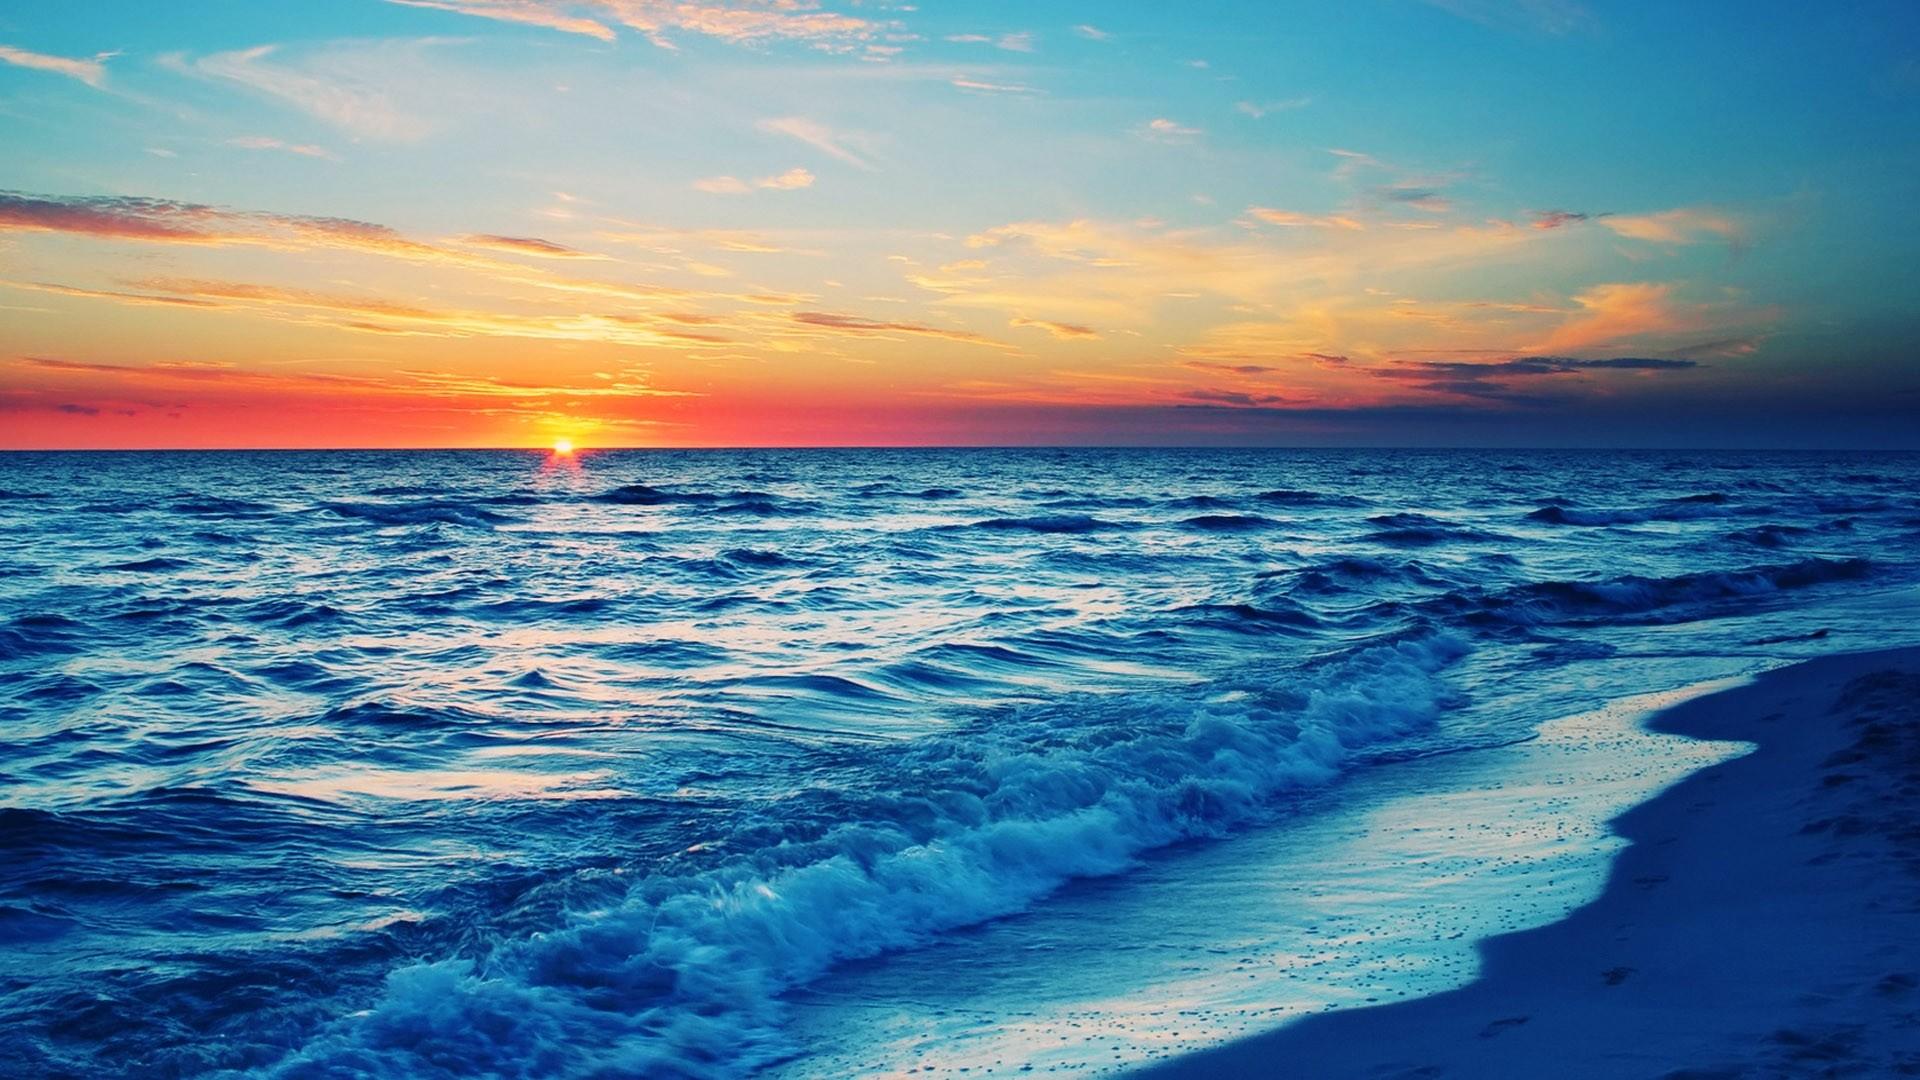 Beach At Night Wallpaper Hd #22995 Wallpaper | High Resolution .